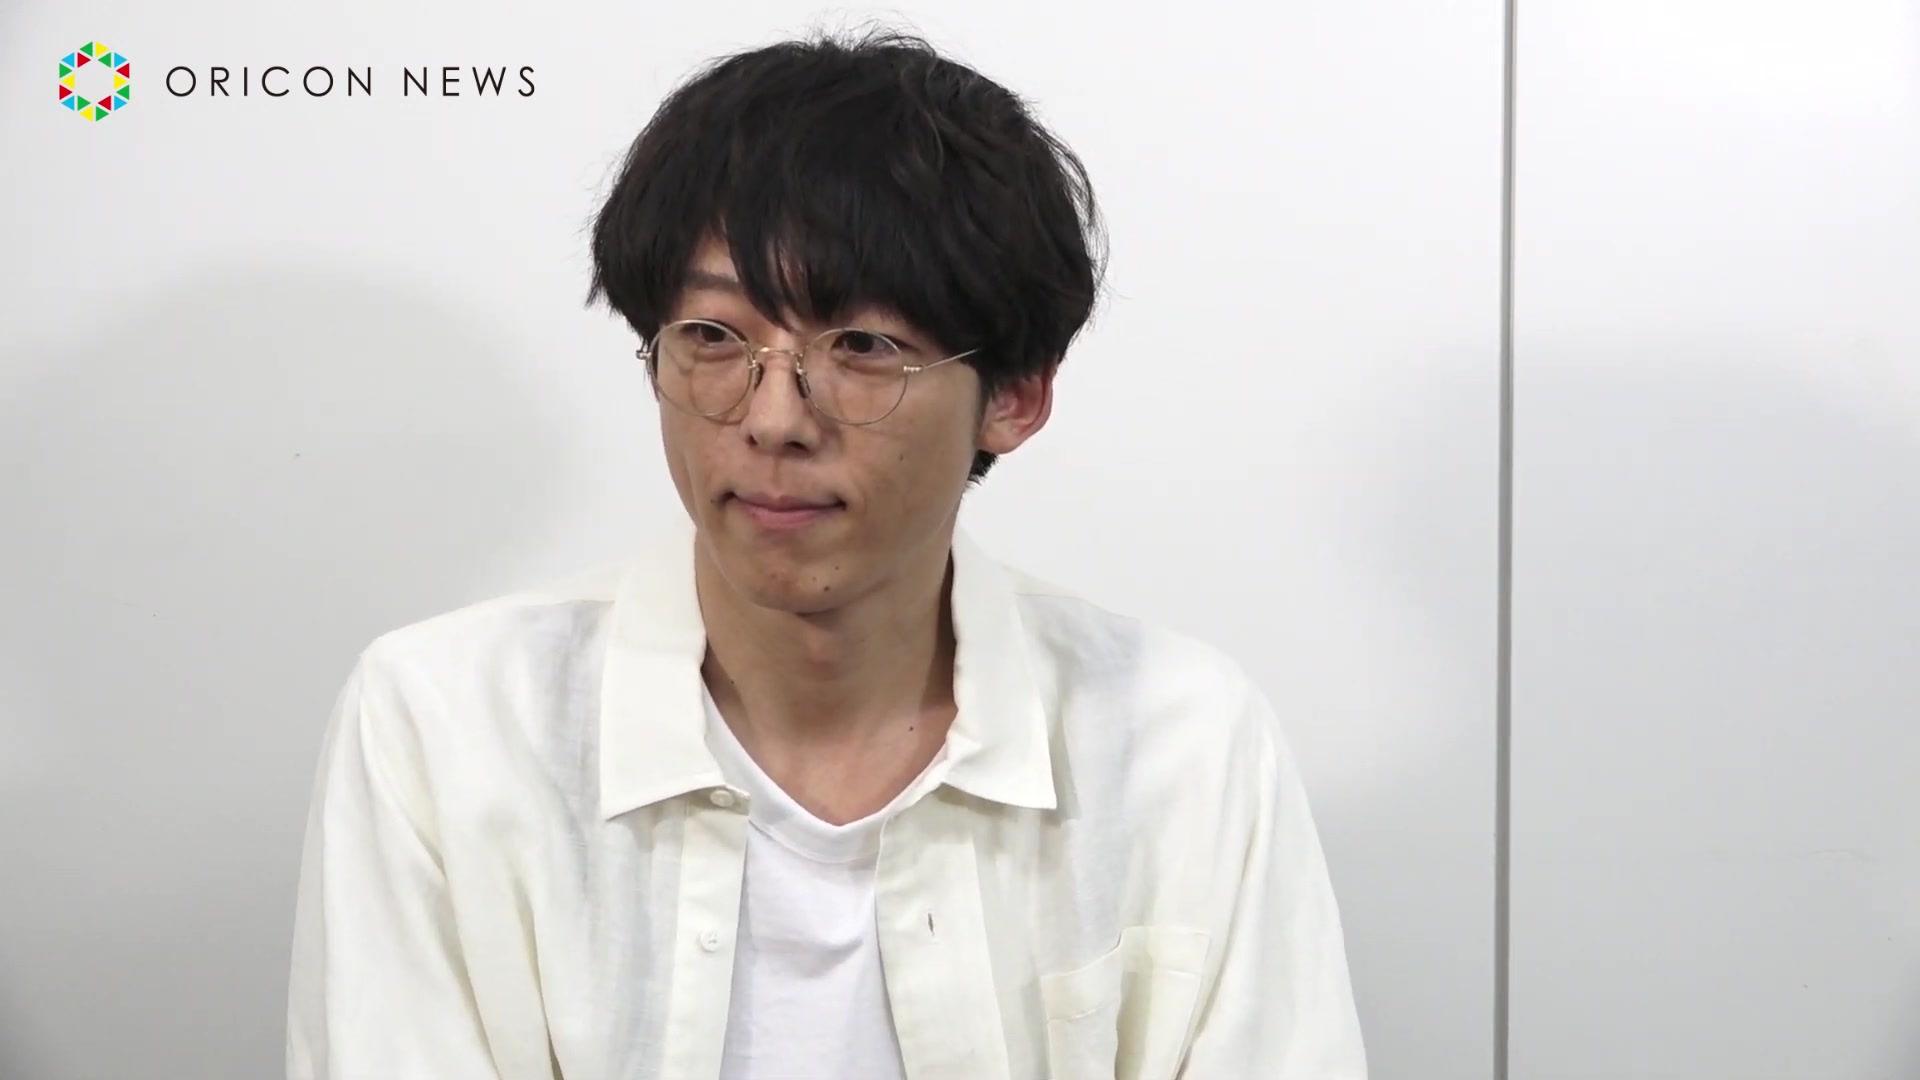 生肉 突撃レポ 高橋一生の真実 俳優 歌手とは異なる素の表情で語る33